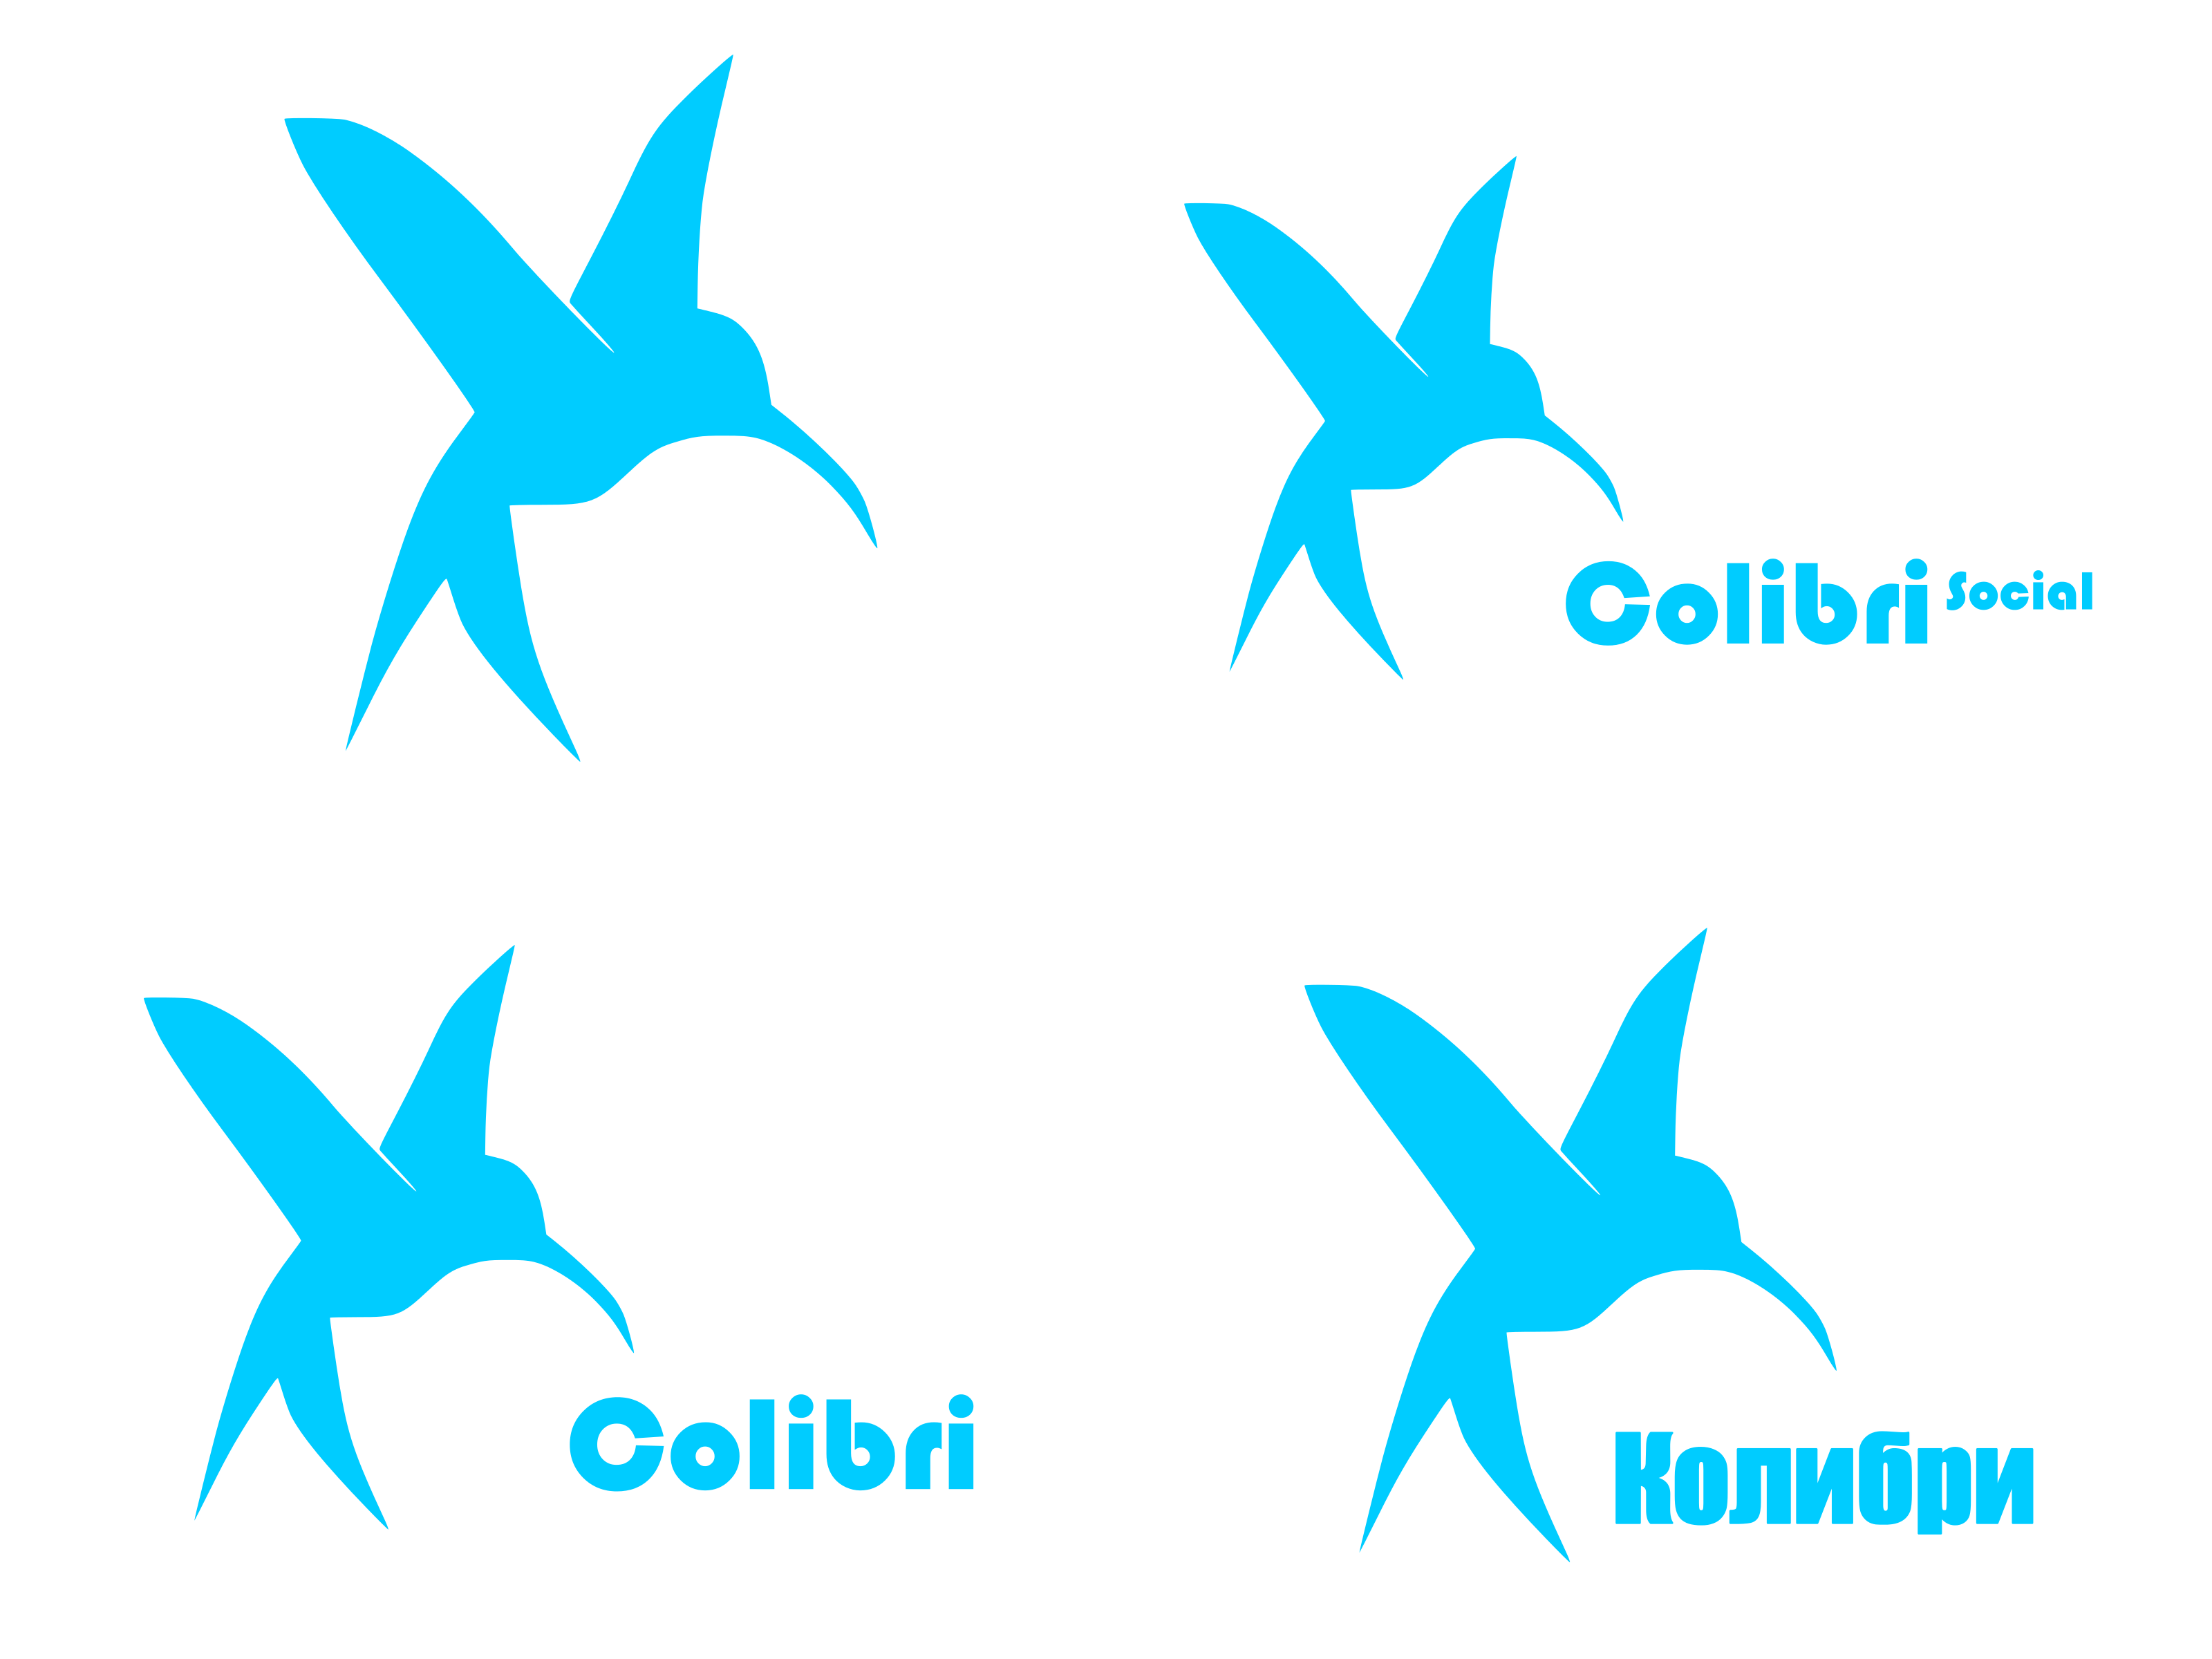 Дизайнер, разработка логотипа компании фото f_986557feb5d6b35e.png